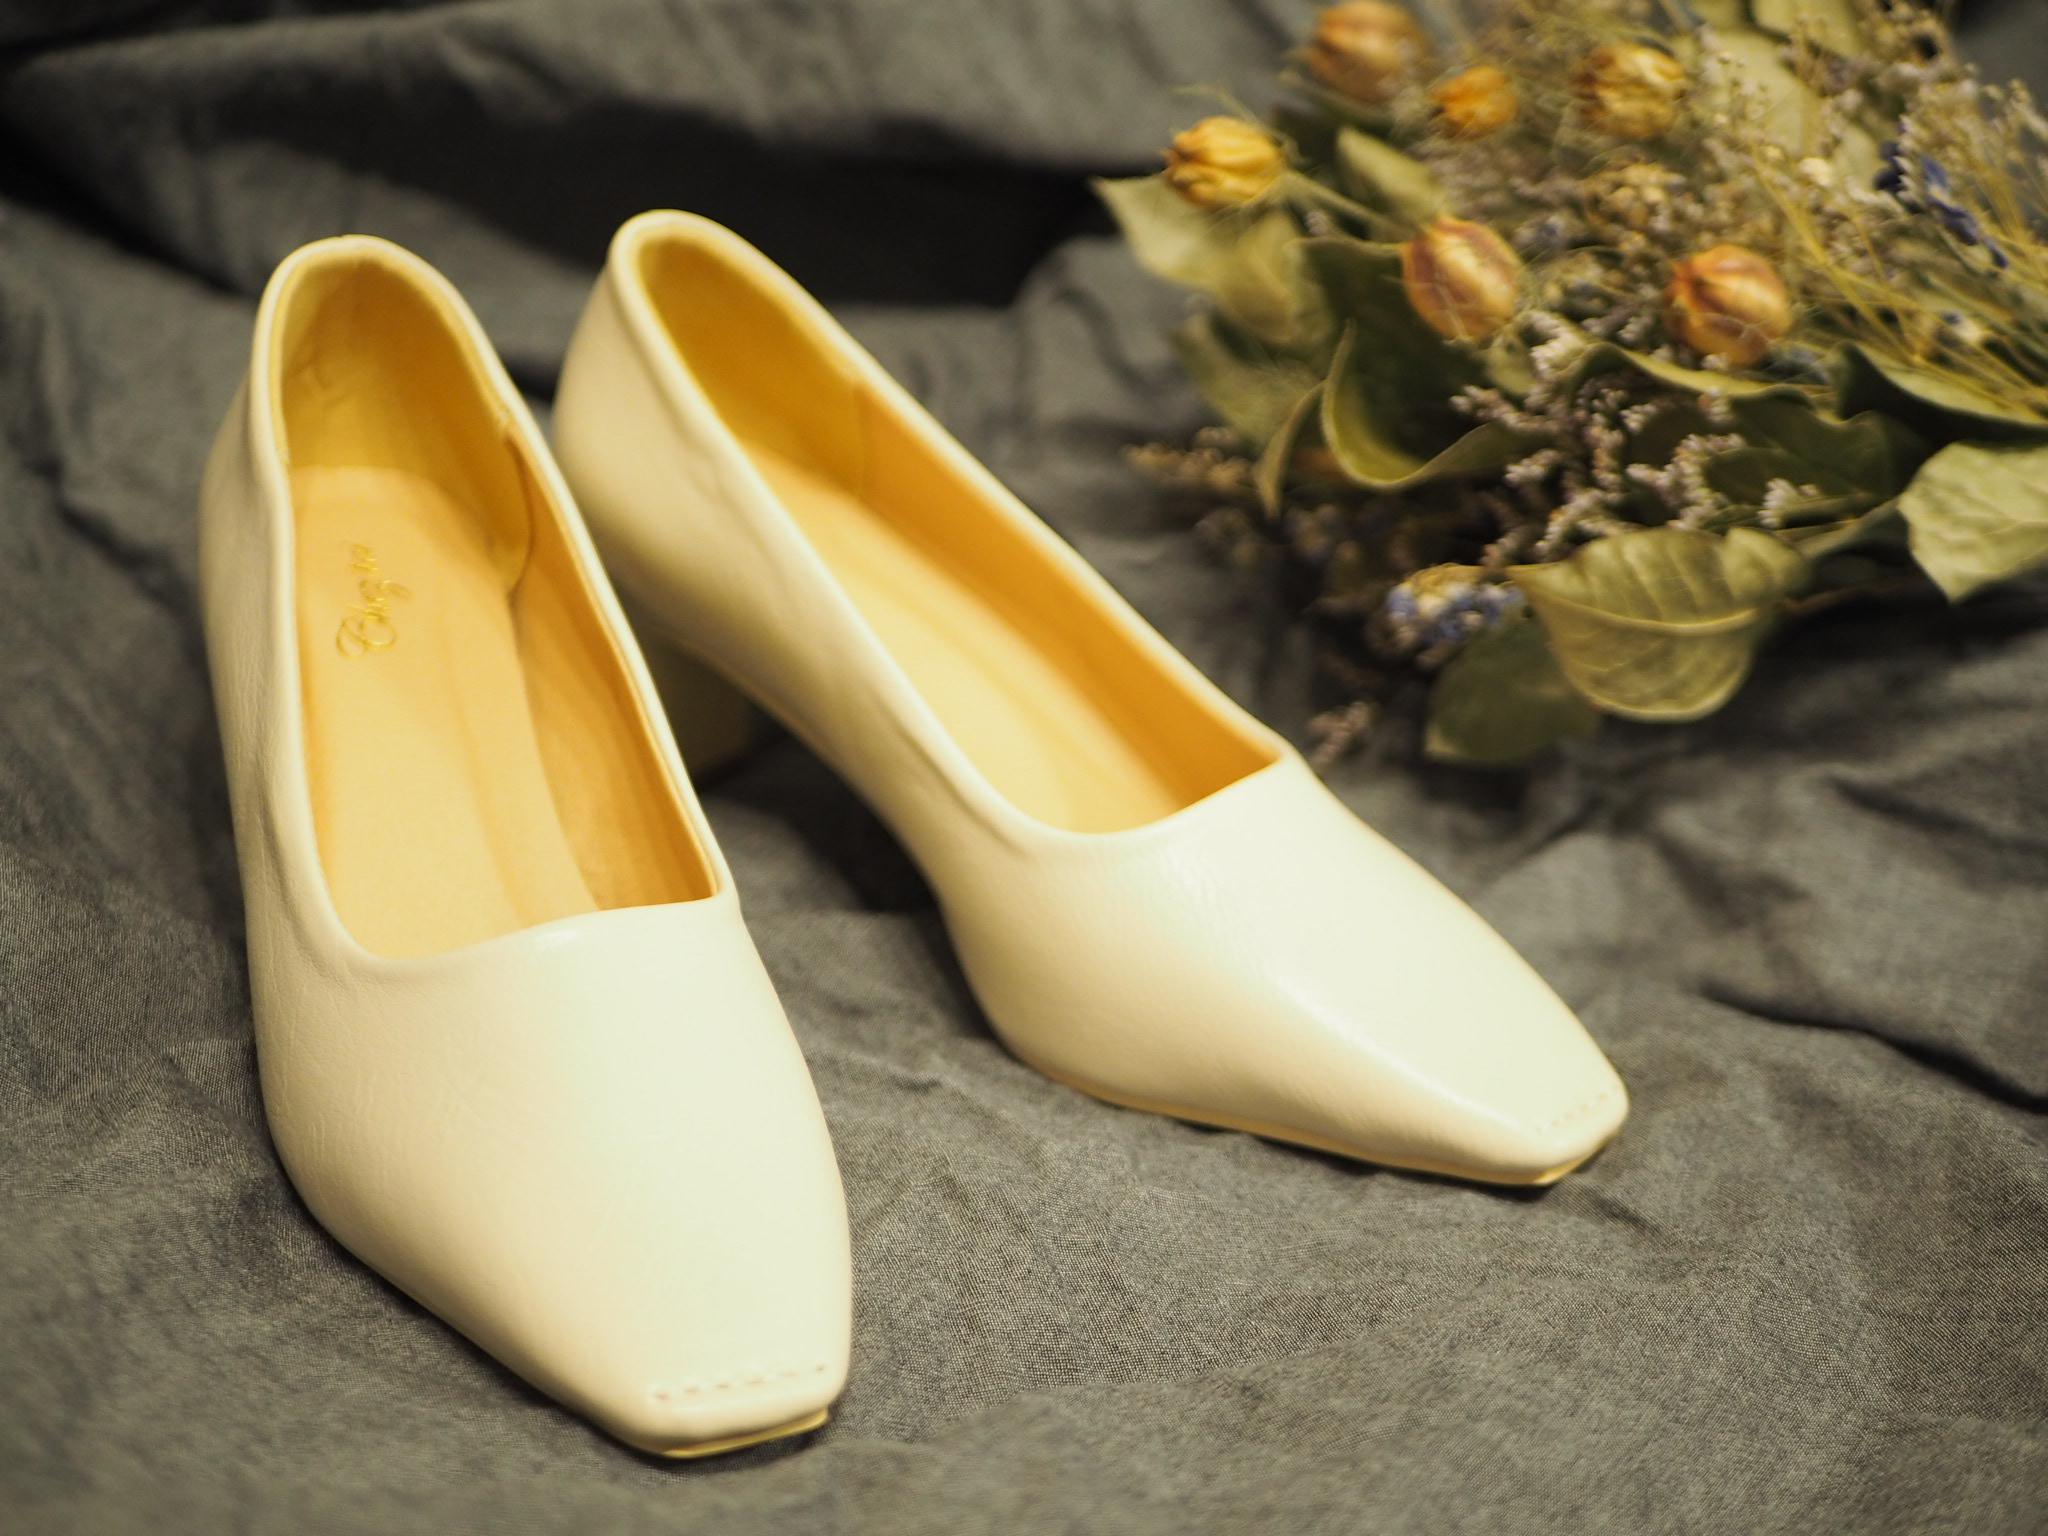 【プチプラ春靴】ホワイトカラーの《スクエアトゥシューズ》❃❃❃_2